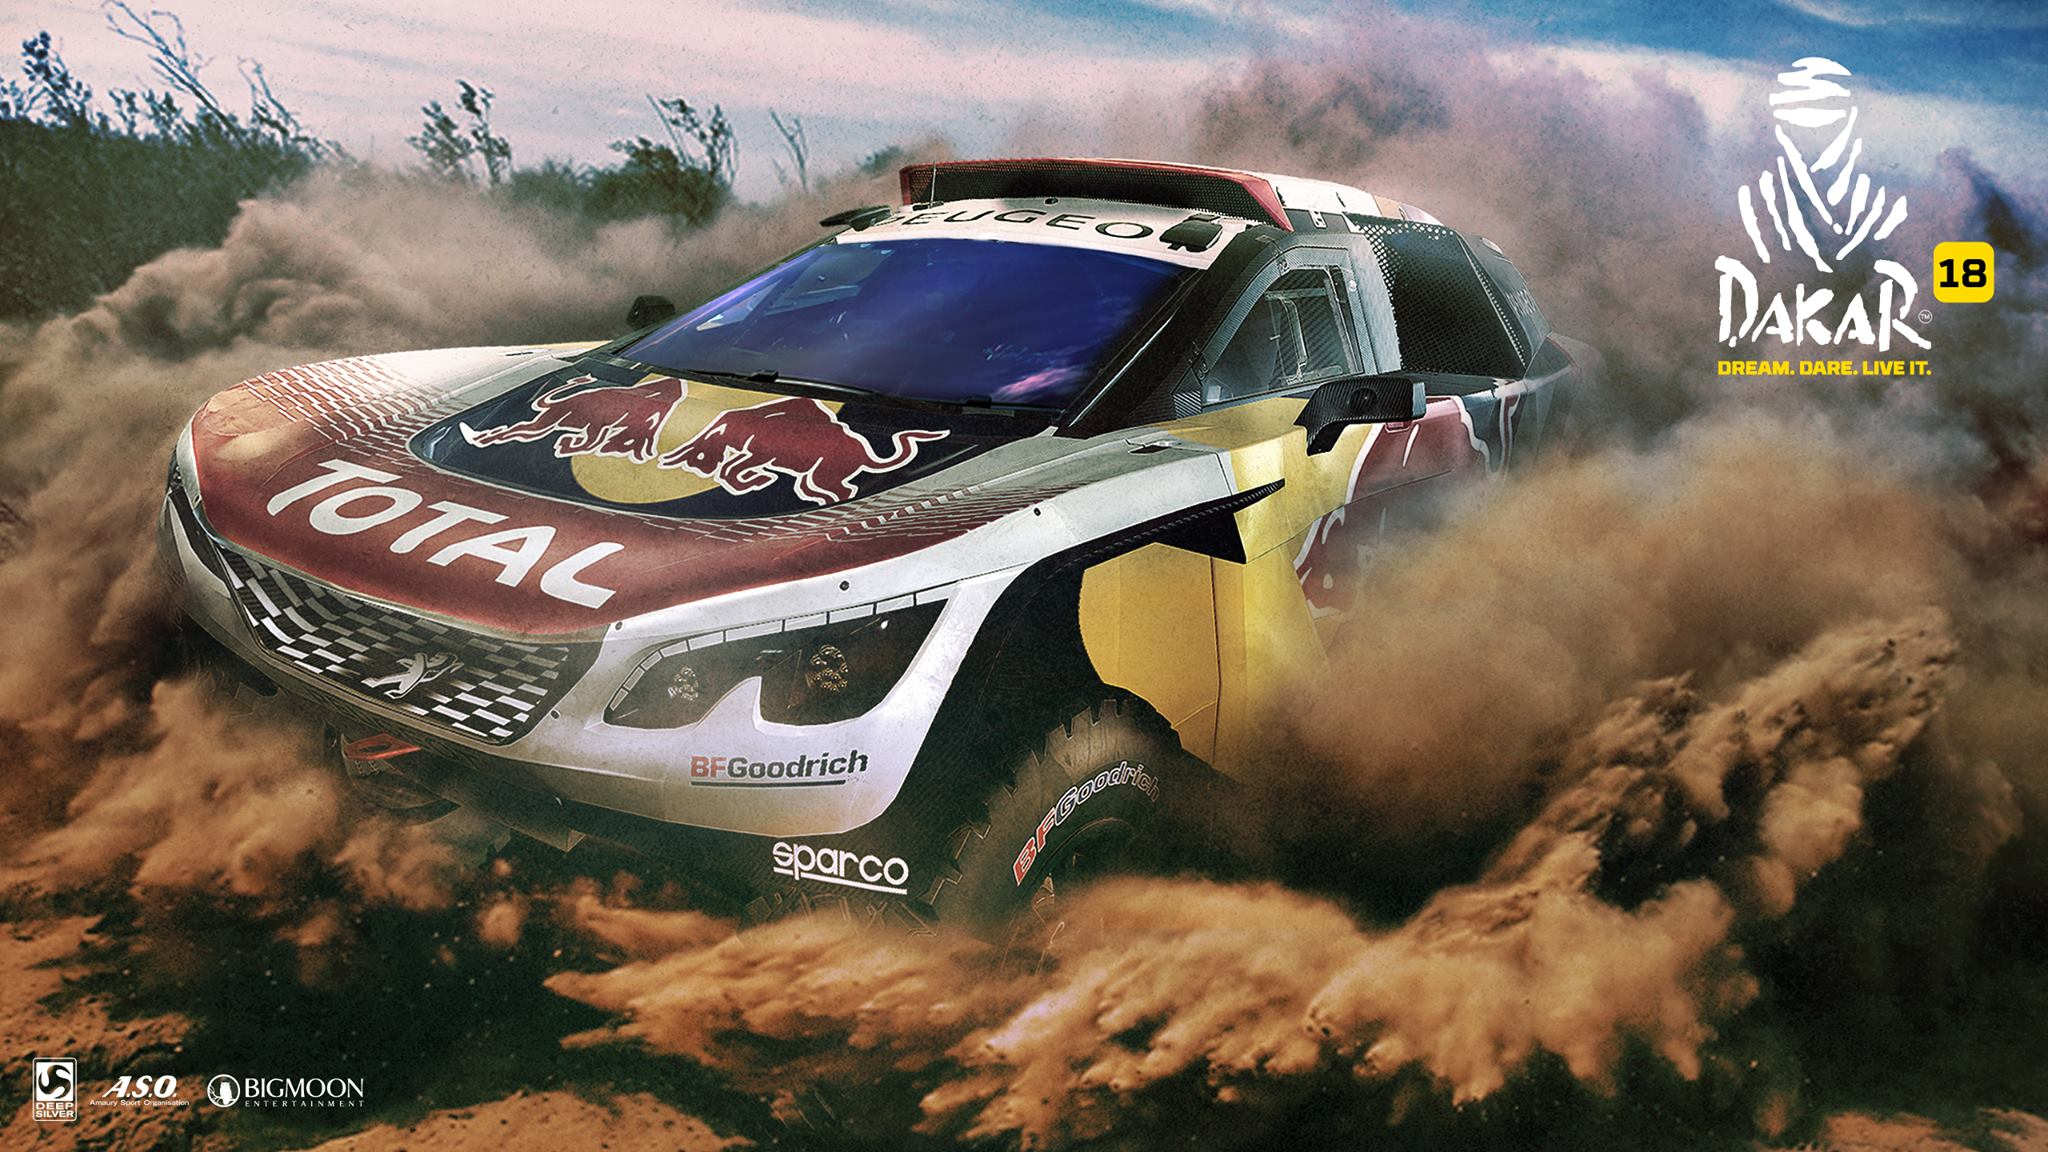 Dakar 18 wallpaper 3